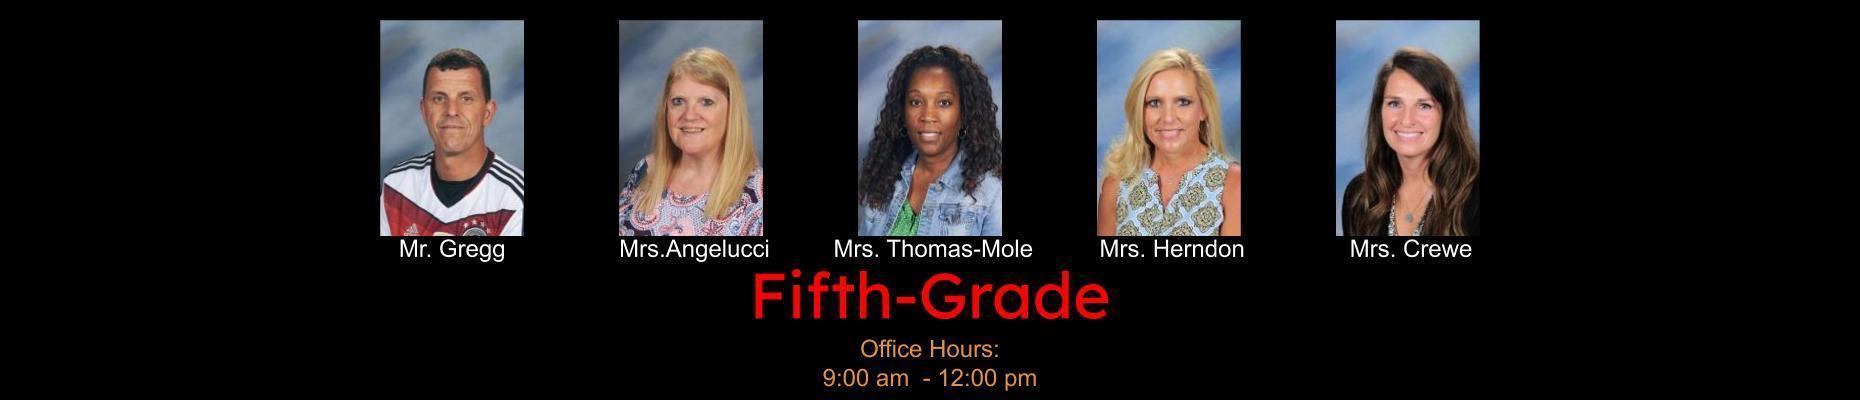 Fifth-Grade